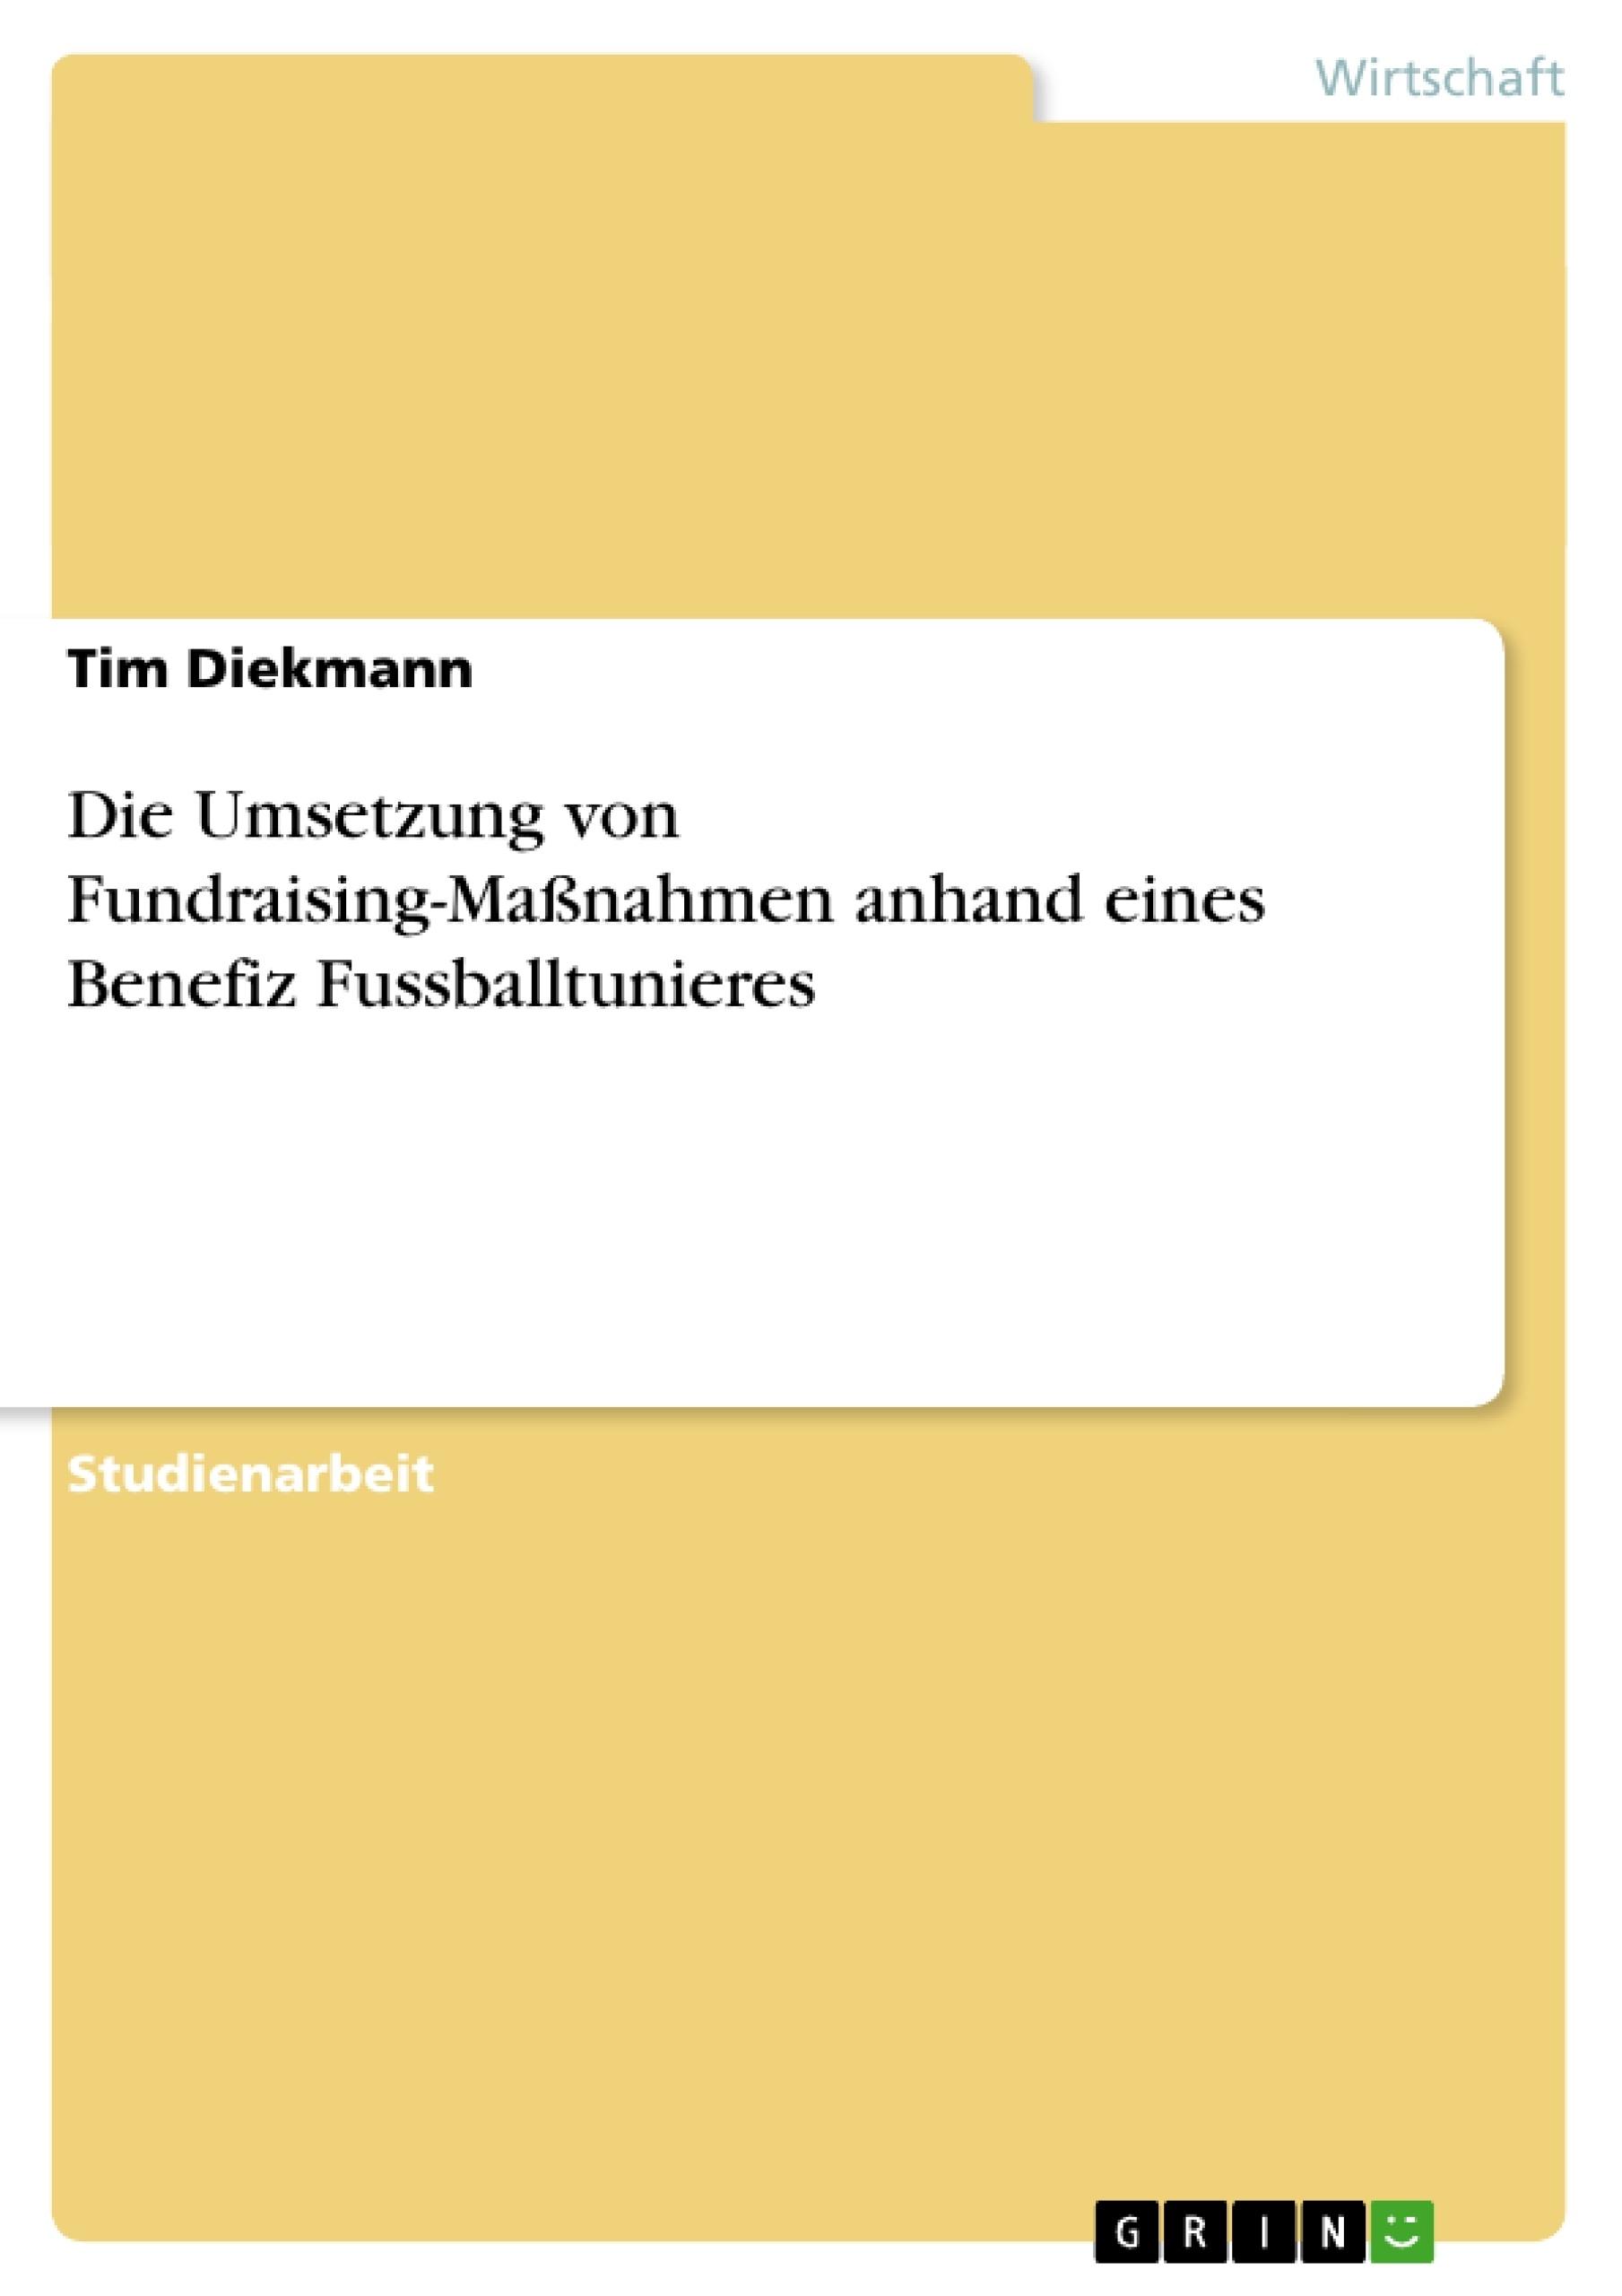 Titel: Die Umsetzung von Fundraising-Maßnahmen anhand eines Benefiz Fussballtunieres